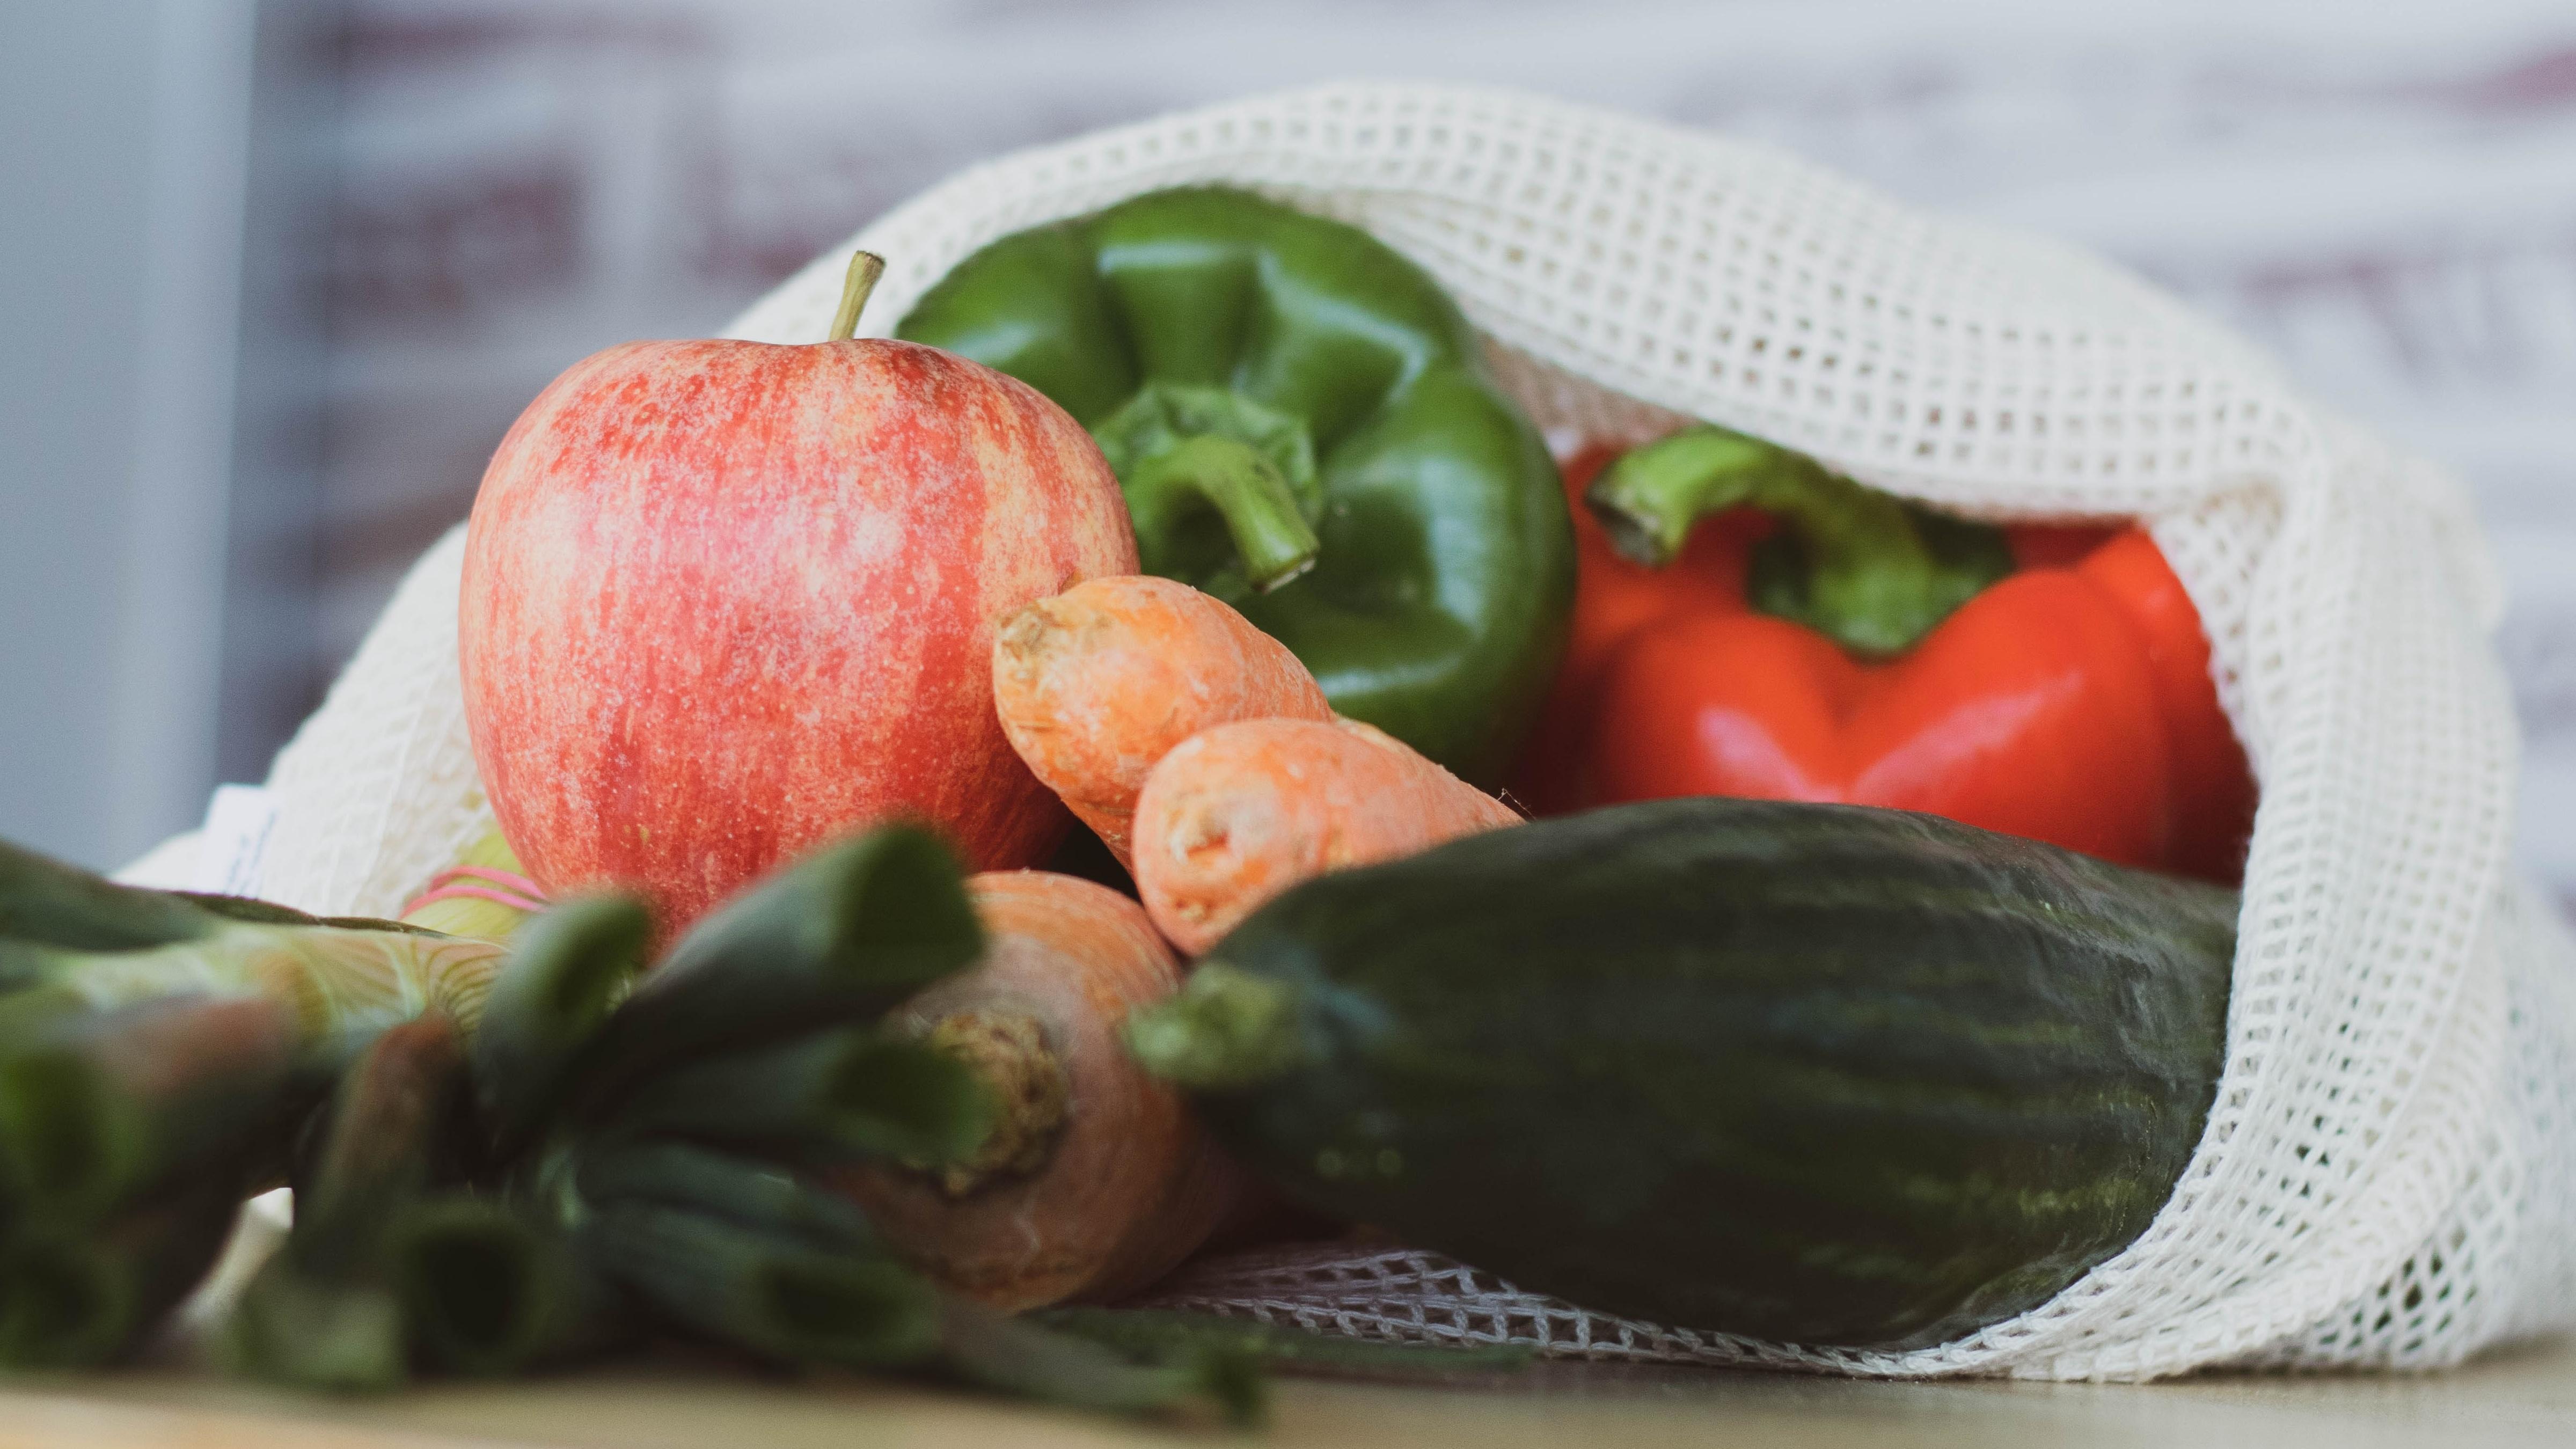 Gemüsereste verwerten: Tipps, Ideen und Rezepte